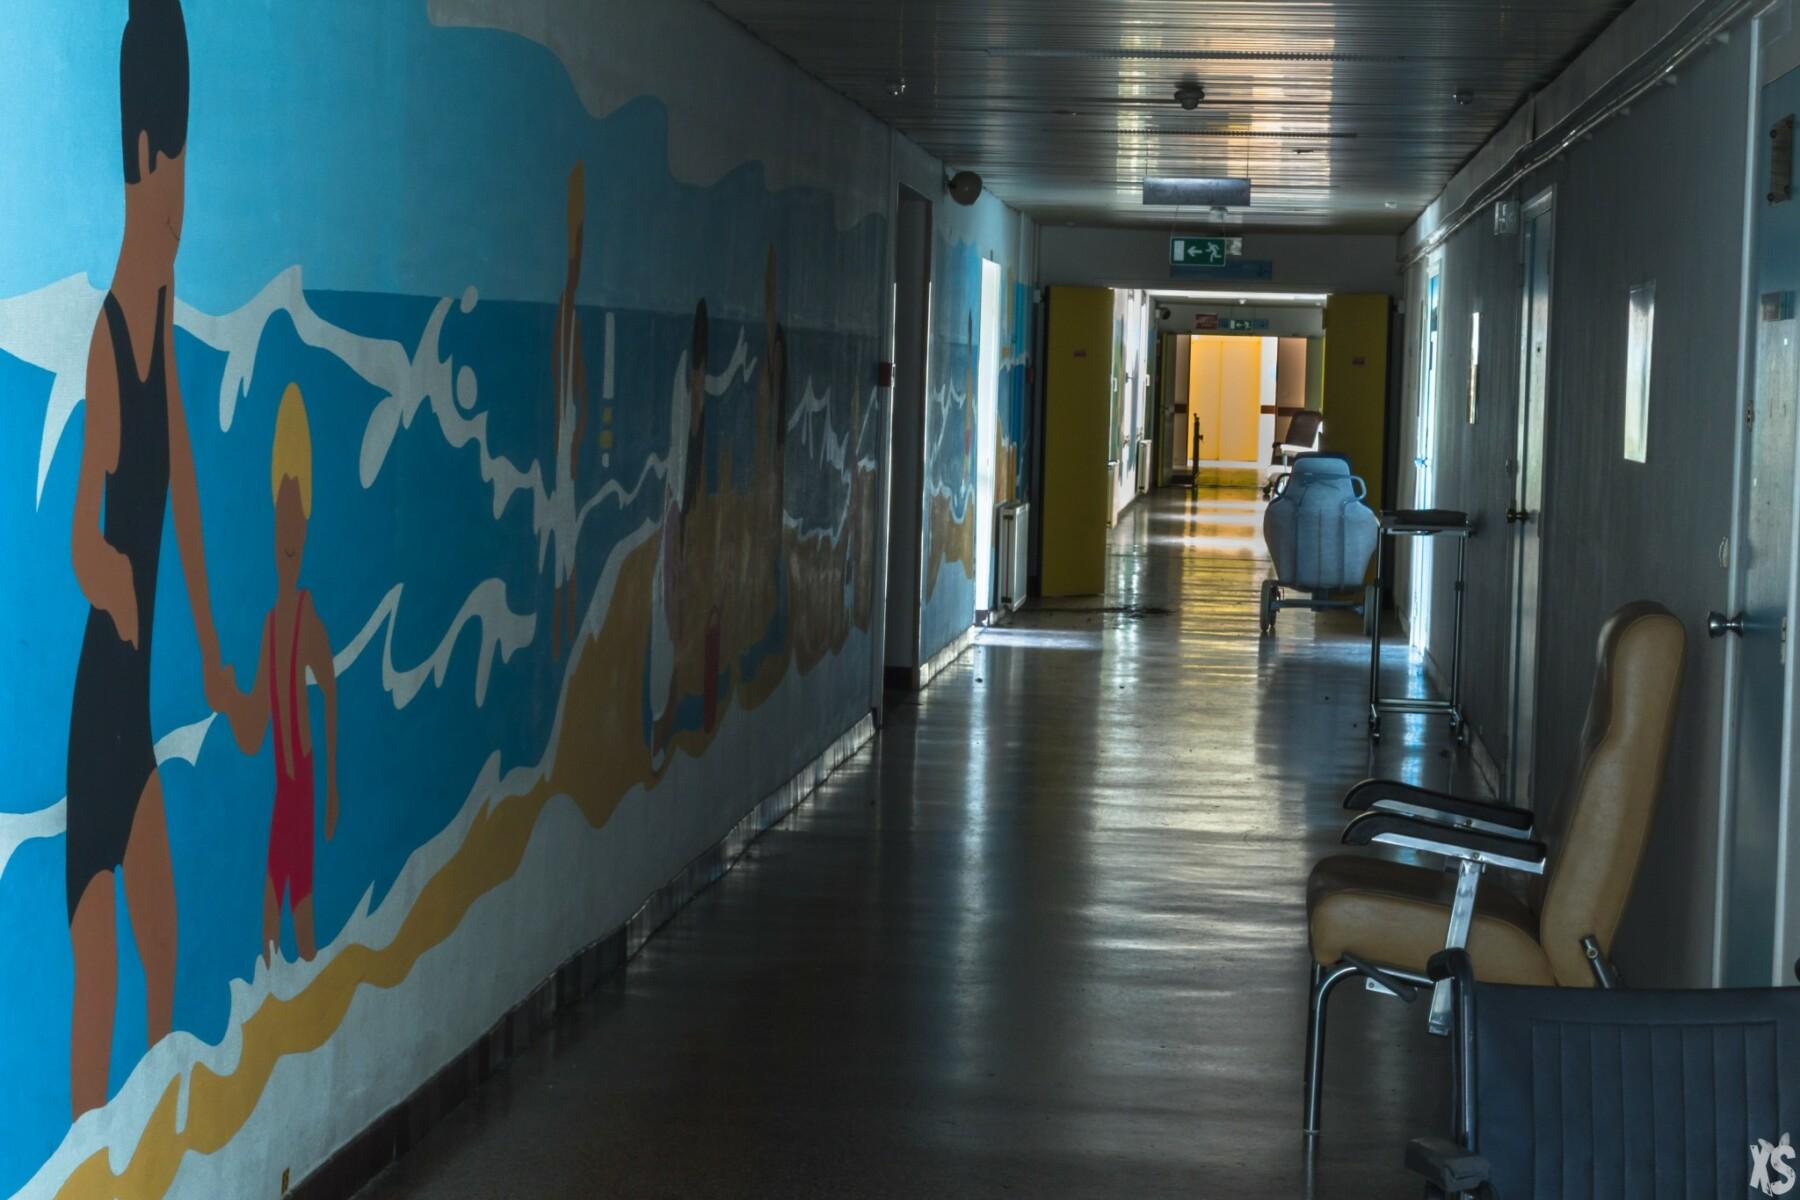 sanatorium-eugene-aram-14